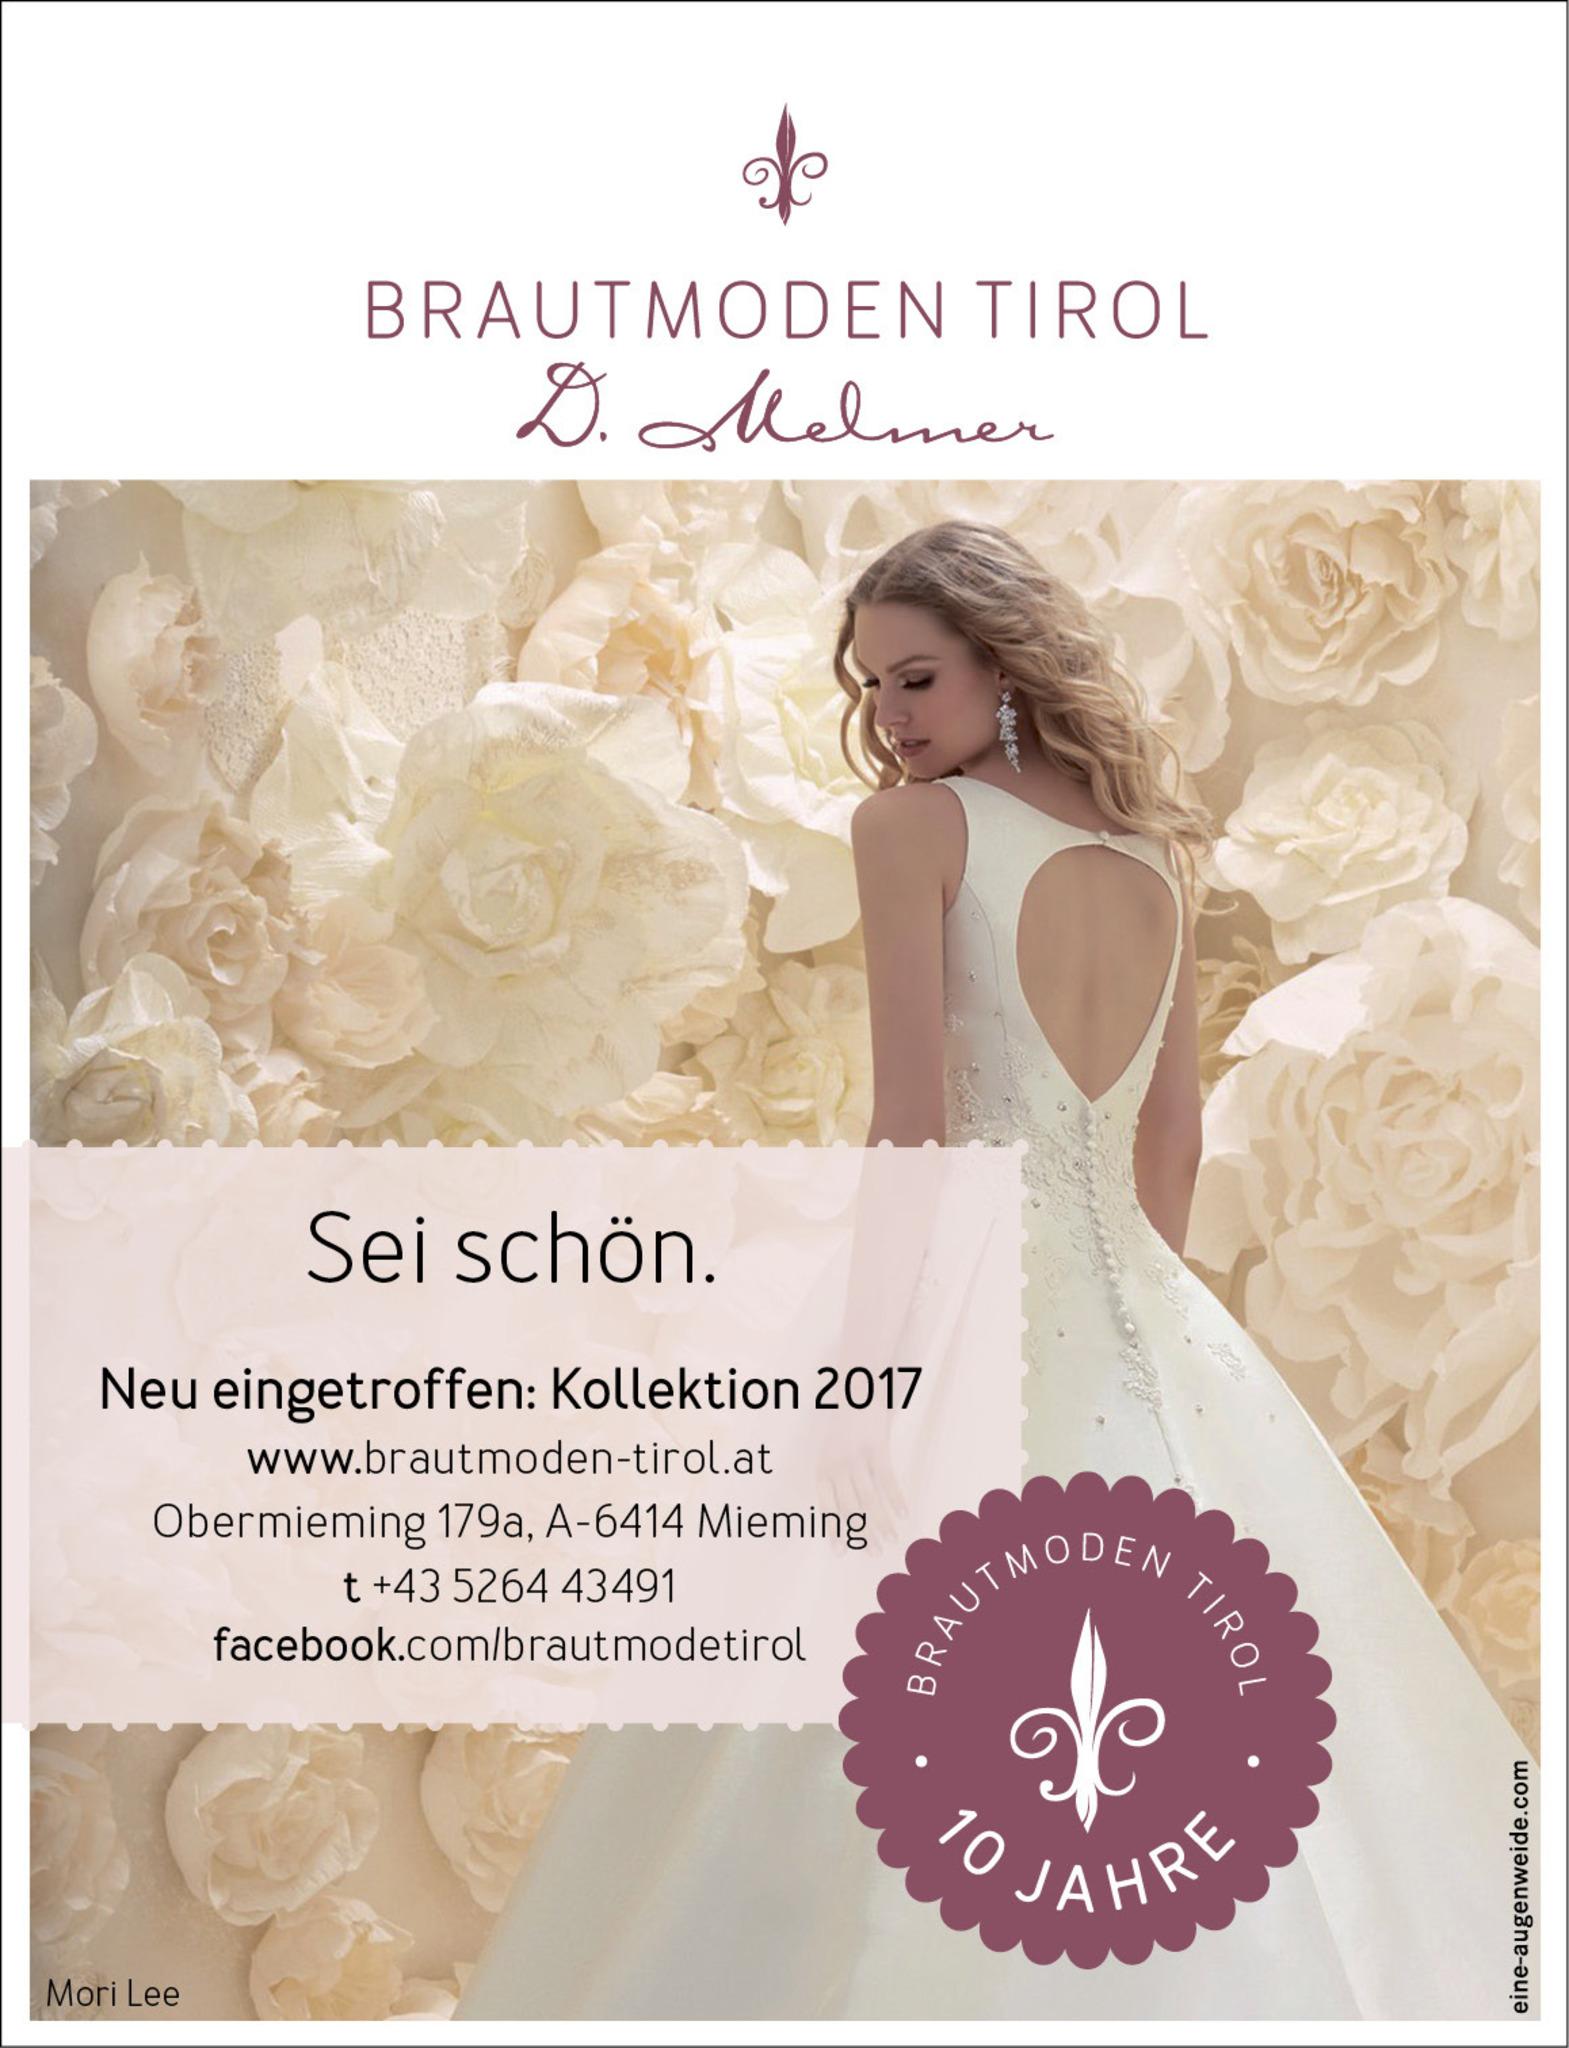 Brautmoden Tirol Dagmar Melmer Imst